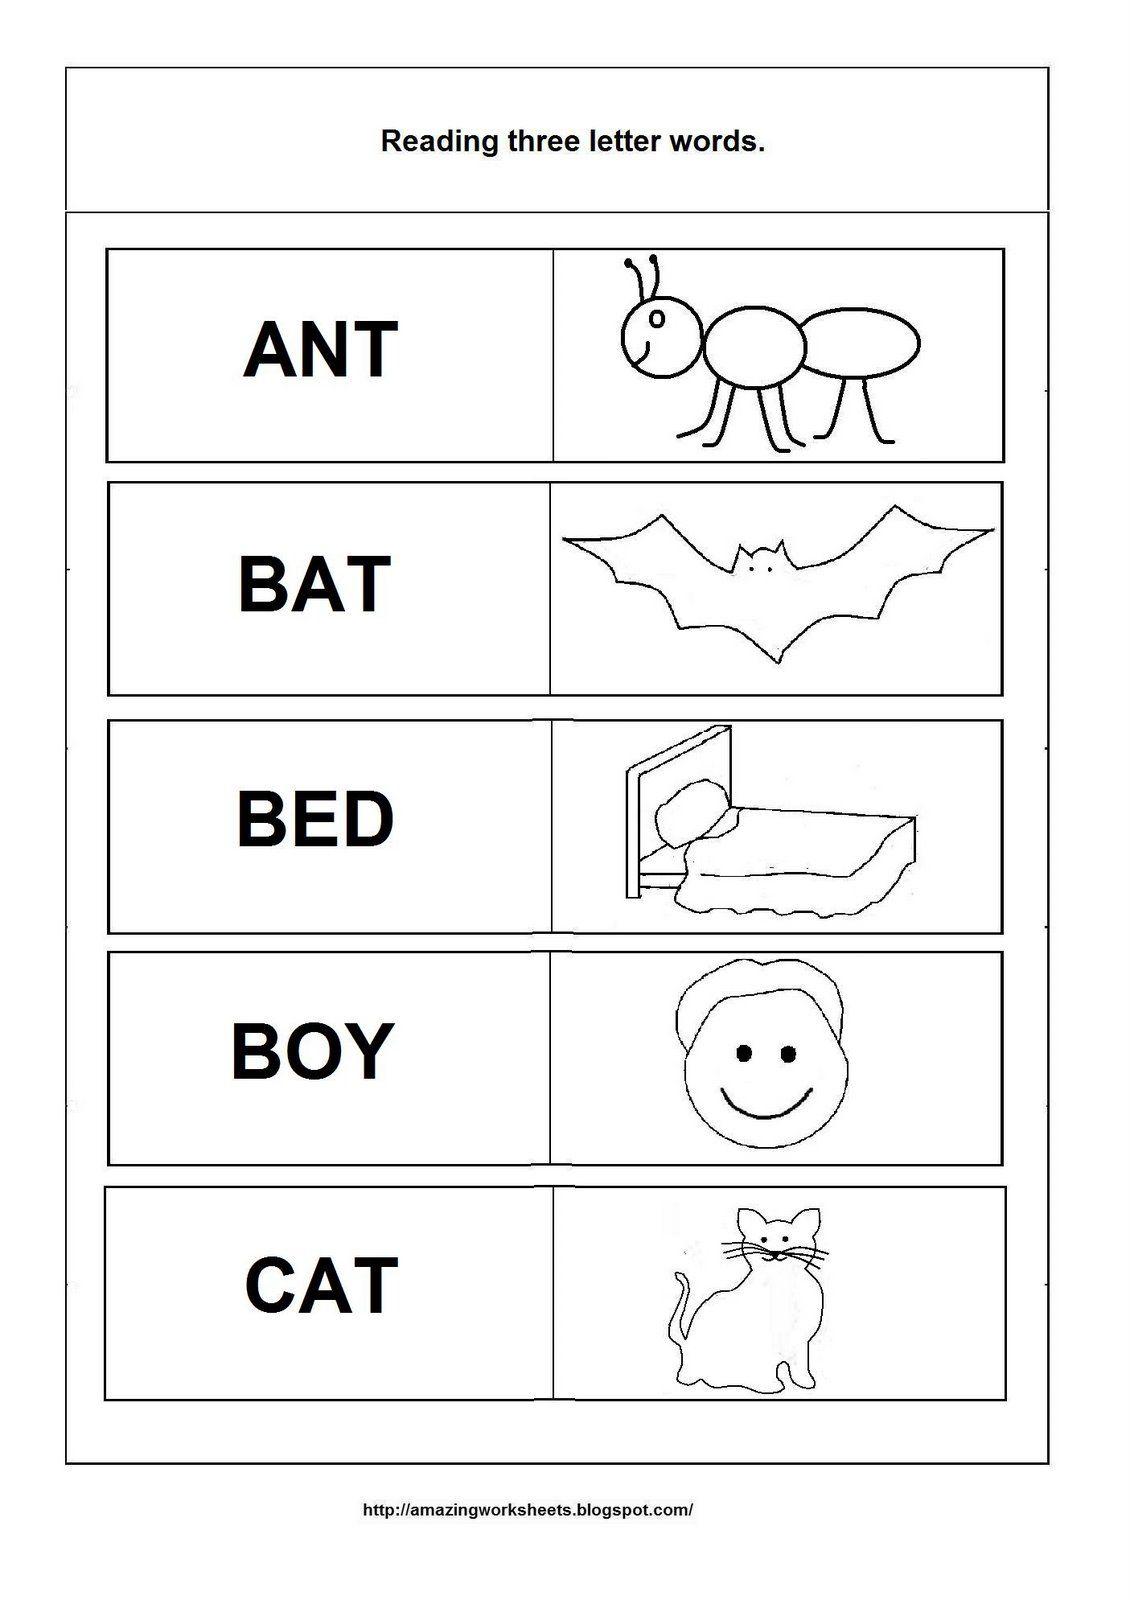 Coloring grammar worksheets - Simple Words Worksheet Google Httpscoloring Pagessimple Wordsspelling Grammarworksheetshomeschooling